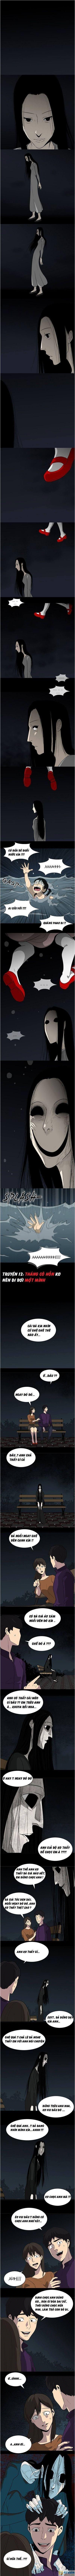 :3  truyện: đừng quay đầu lại  =)) <3   -  haivl | hài hước | hài vl